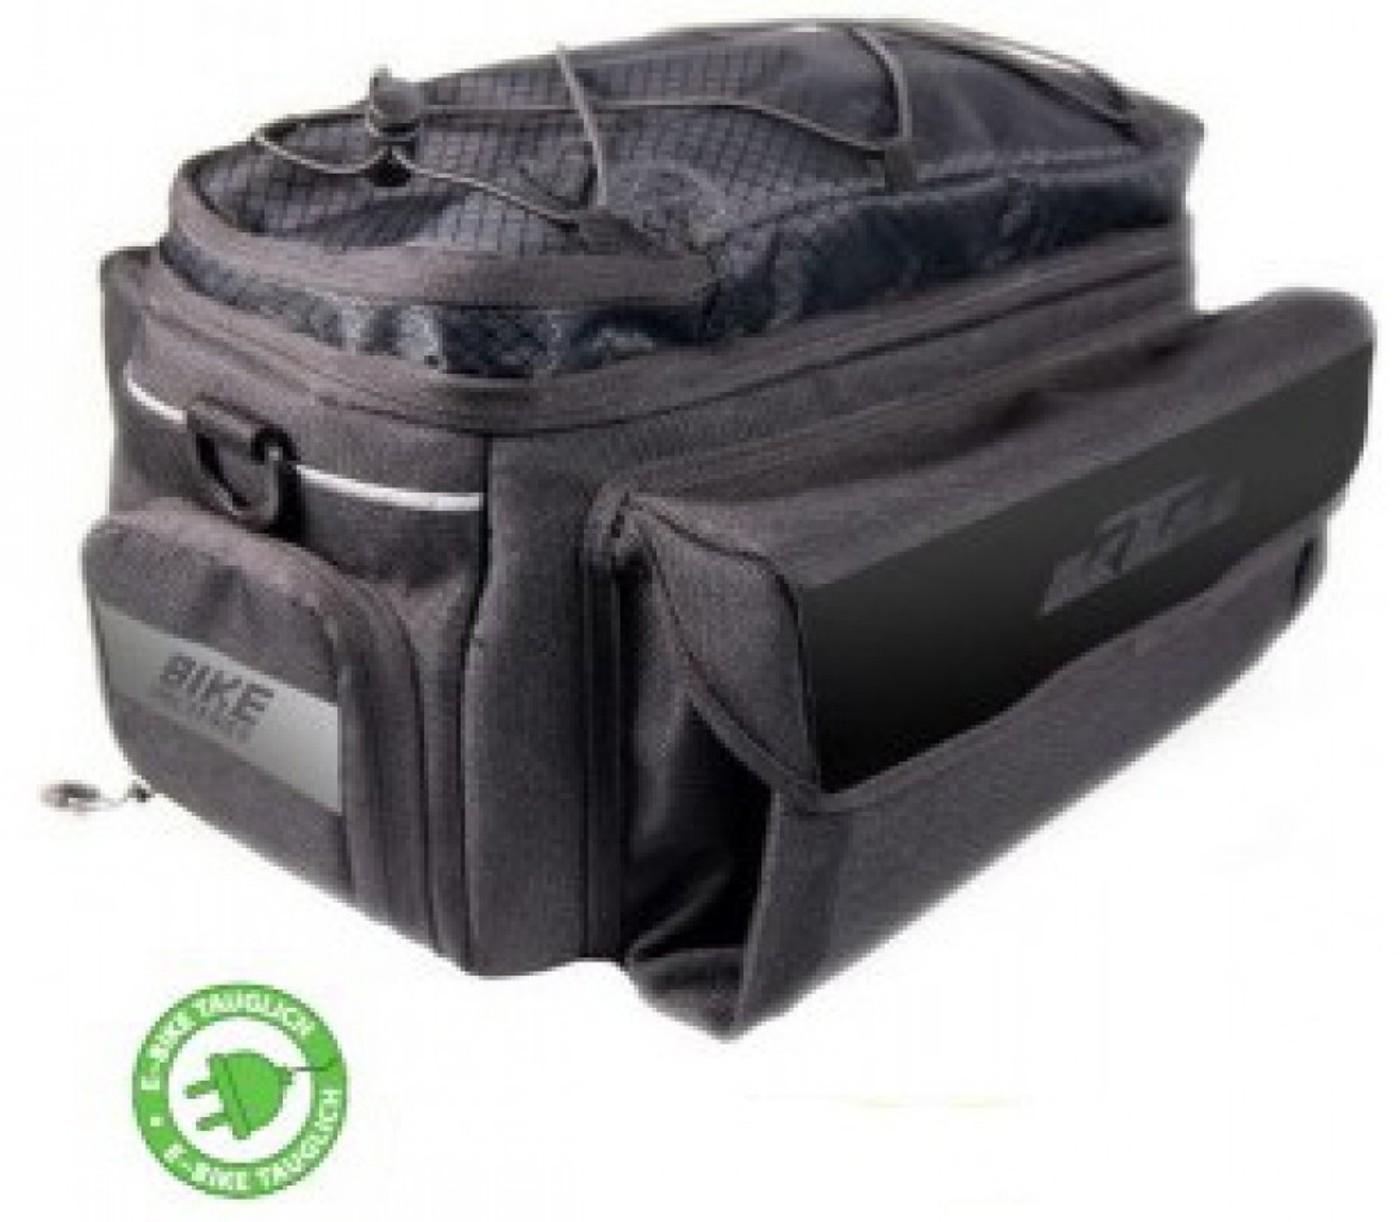 KTM Tour Trunk Bag 16L snap it